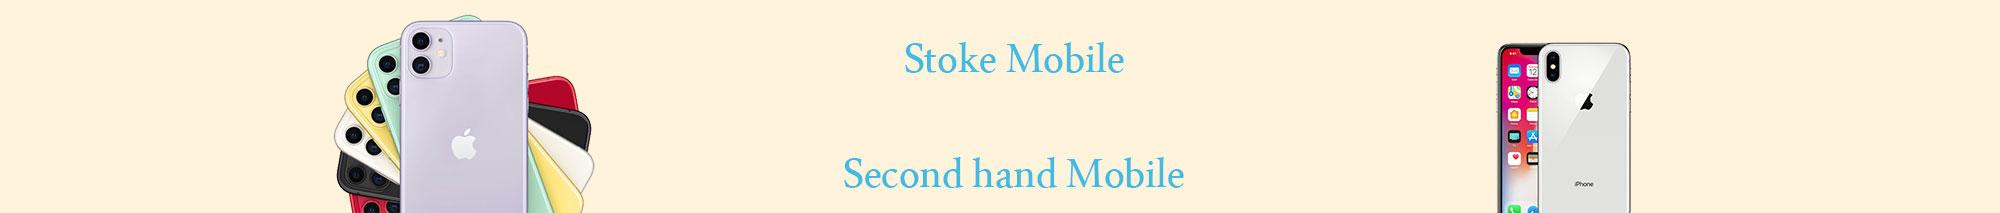 گوشی های دست دوم(استوک)